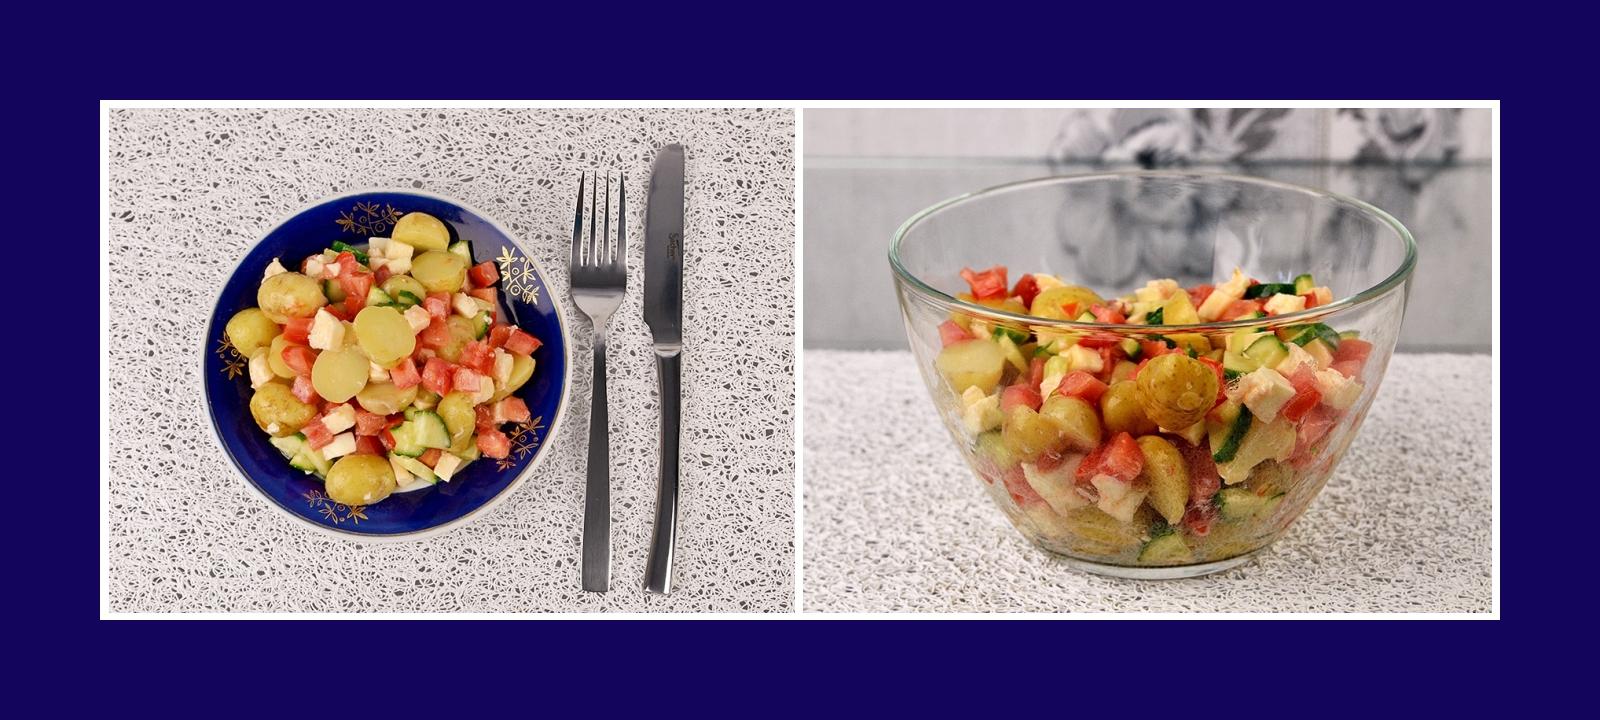 Köstlicher Salat aus Frühkartoffeln, Mozzarella, Gurken und Tomaten